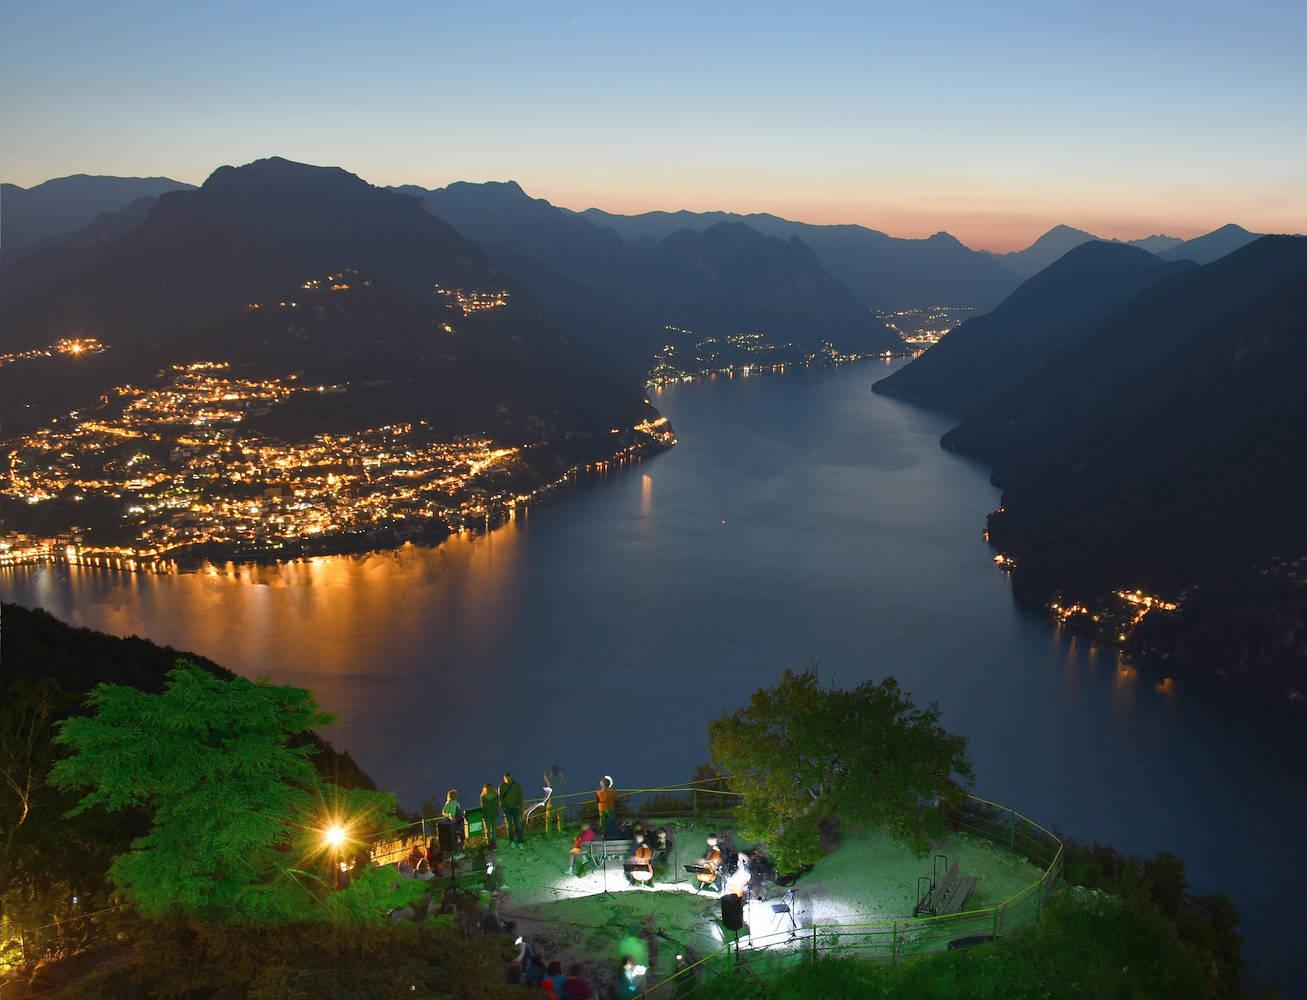 """150 persone in vetta al San Salvatore per """"Un'alba da ascoltare e ammirare"""""""